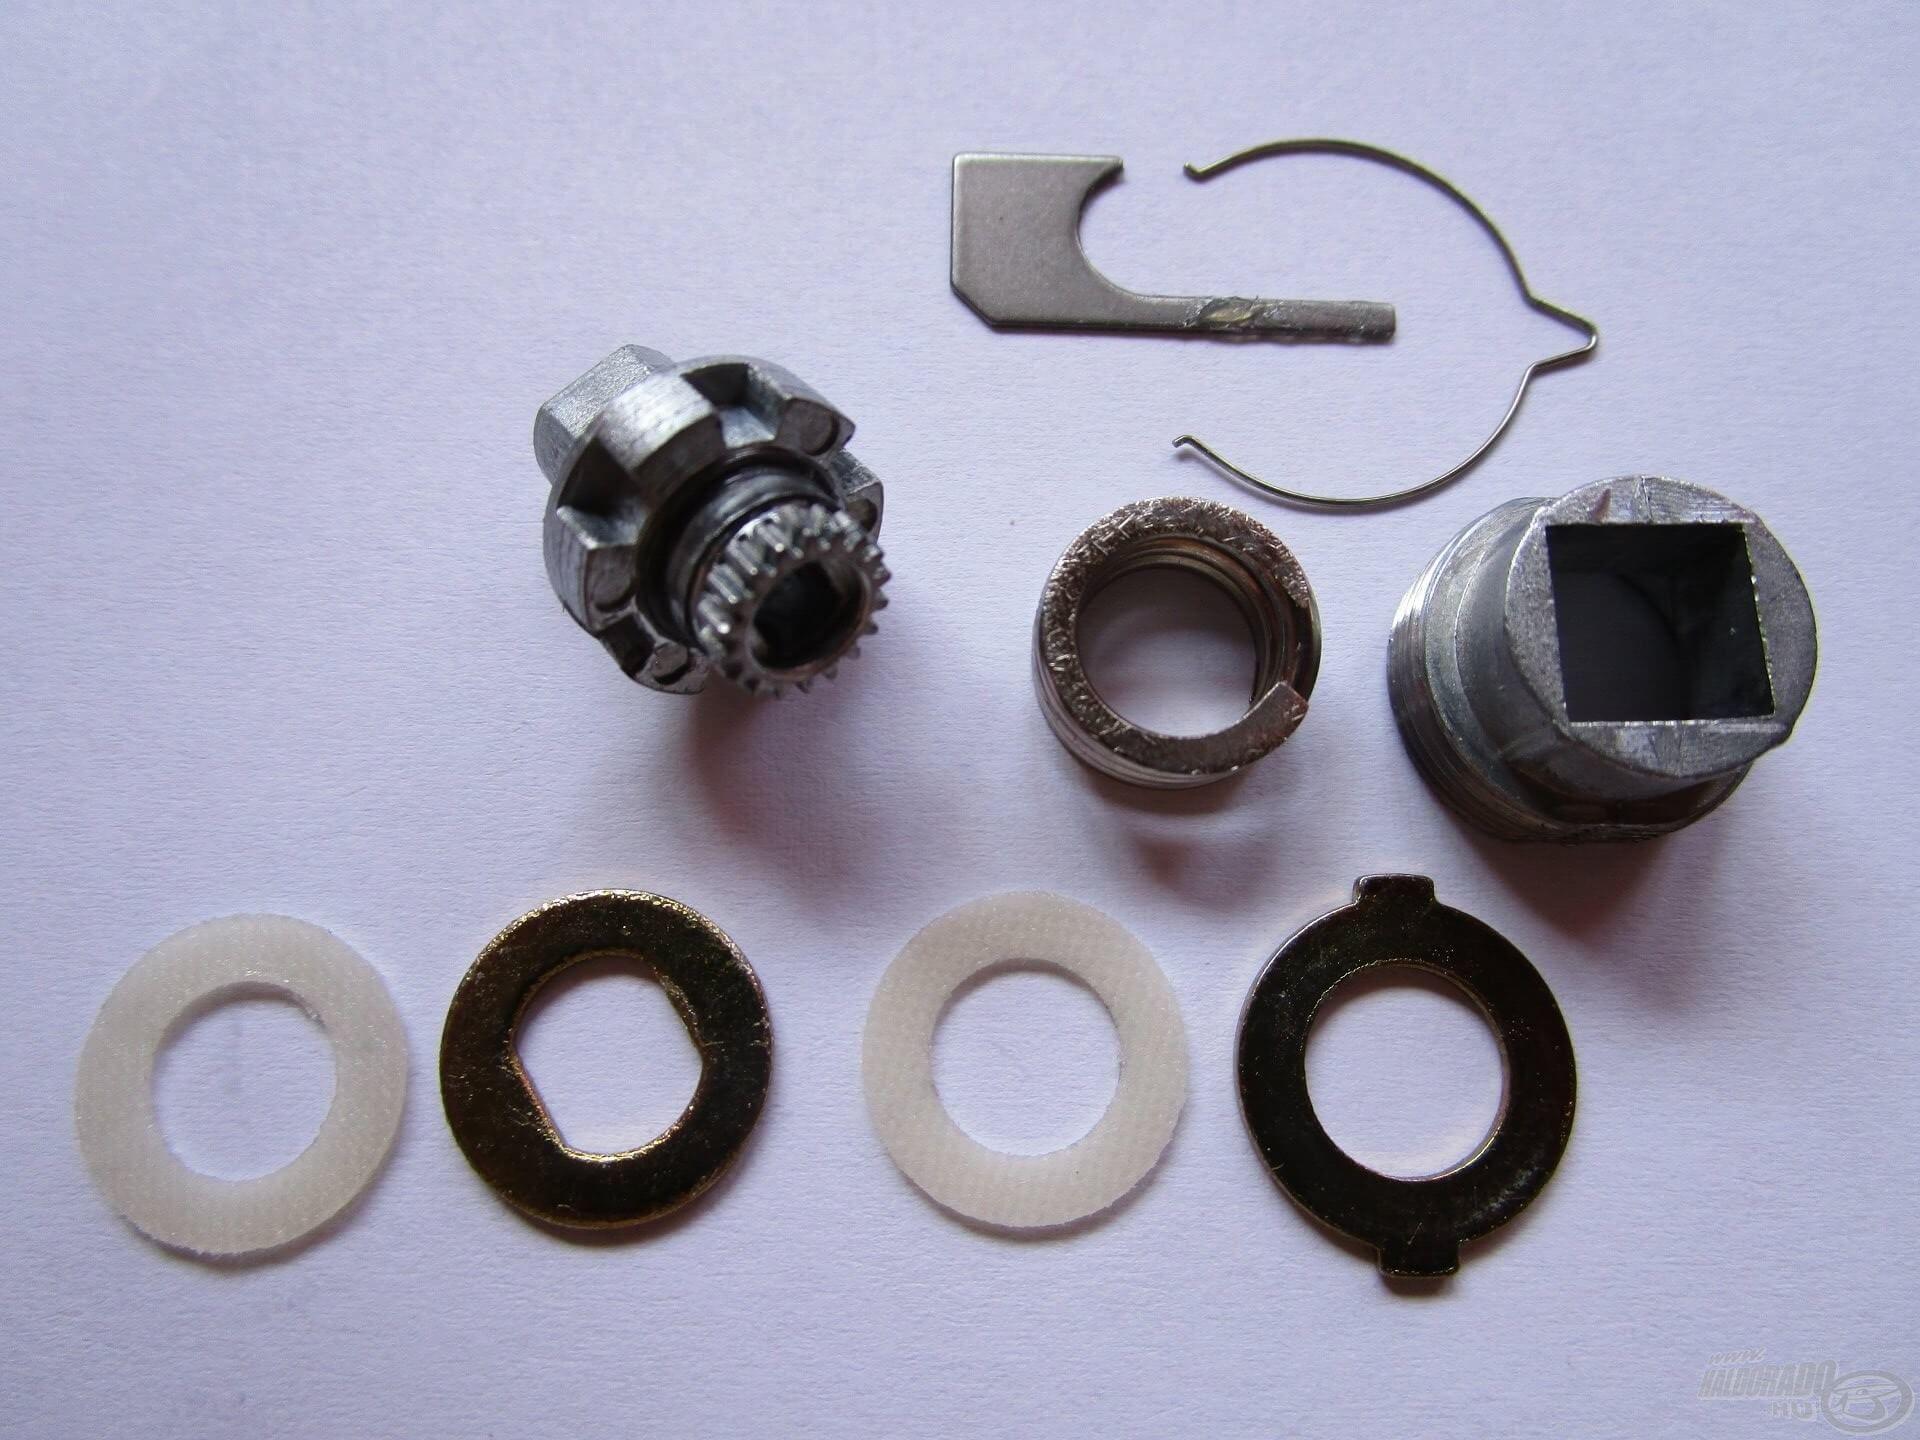 A nyeletőfék precíz működése is a minőségi alkatrészeknek köszönhető. Egy speciális alakú fémrugó adja a tekerőgomb hangját, ami nem fog elkopni, tehát időtálló megoldás